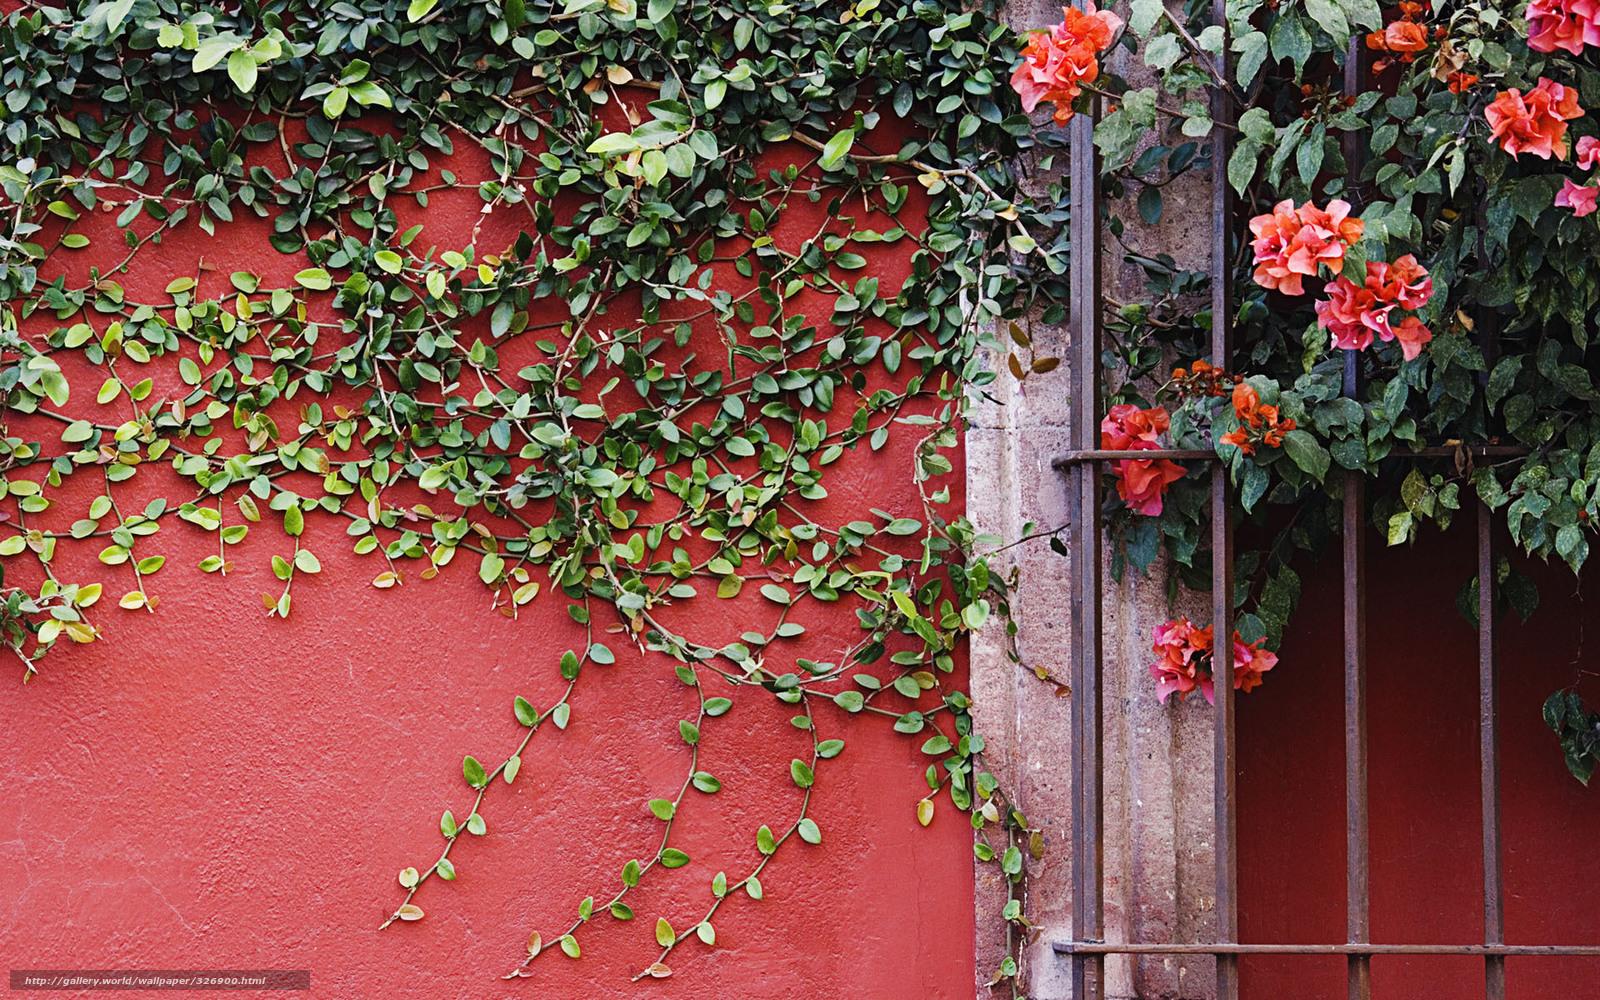 Download wallpaper wall plant liana Flowers free desktop wallpaper in the